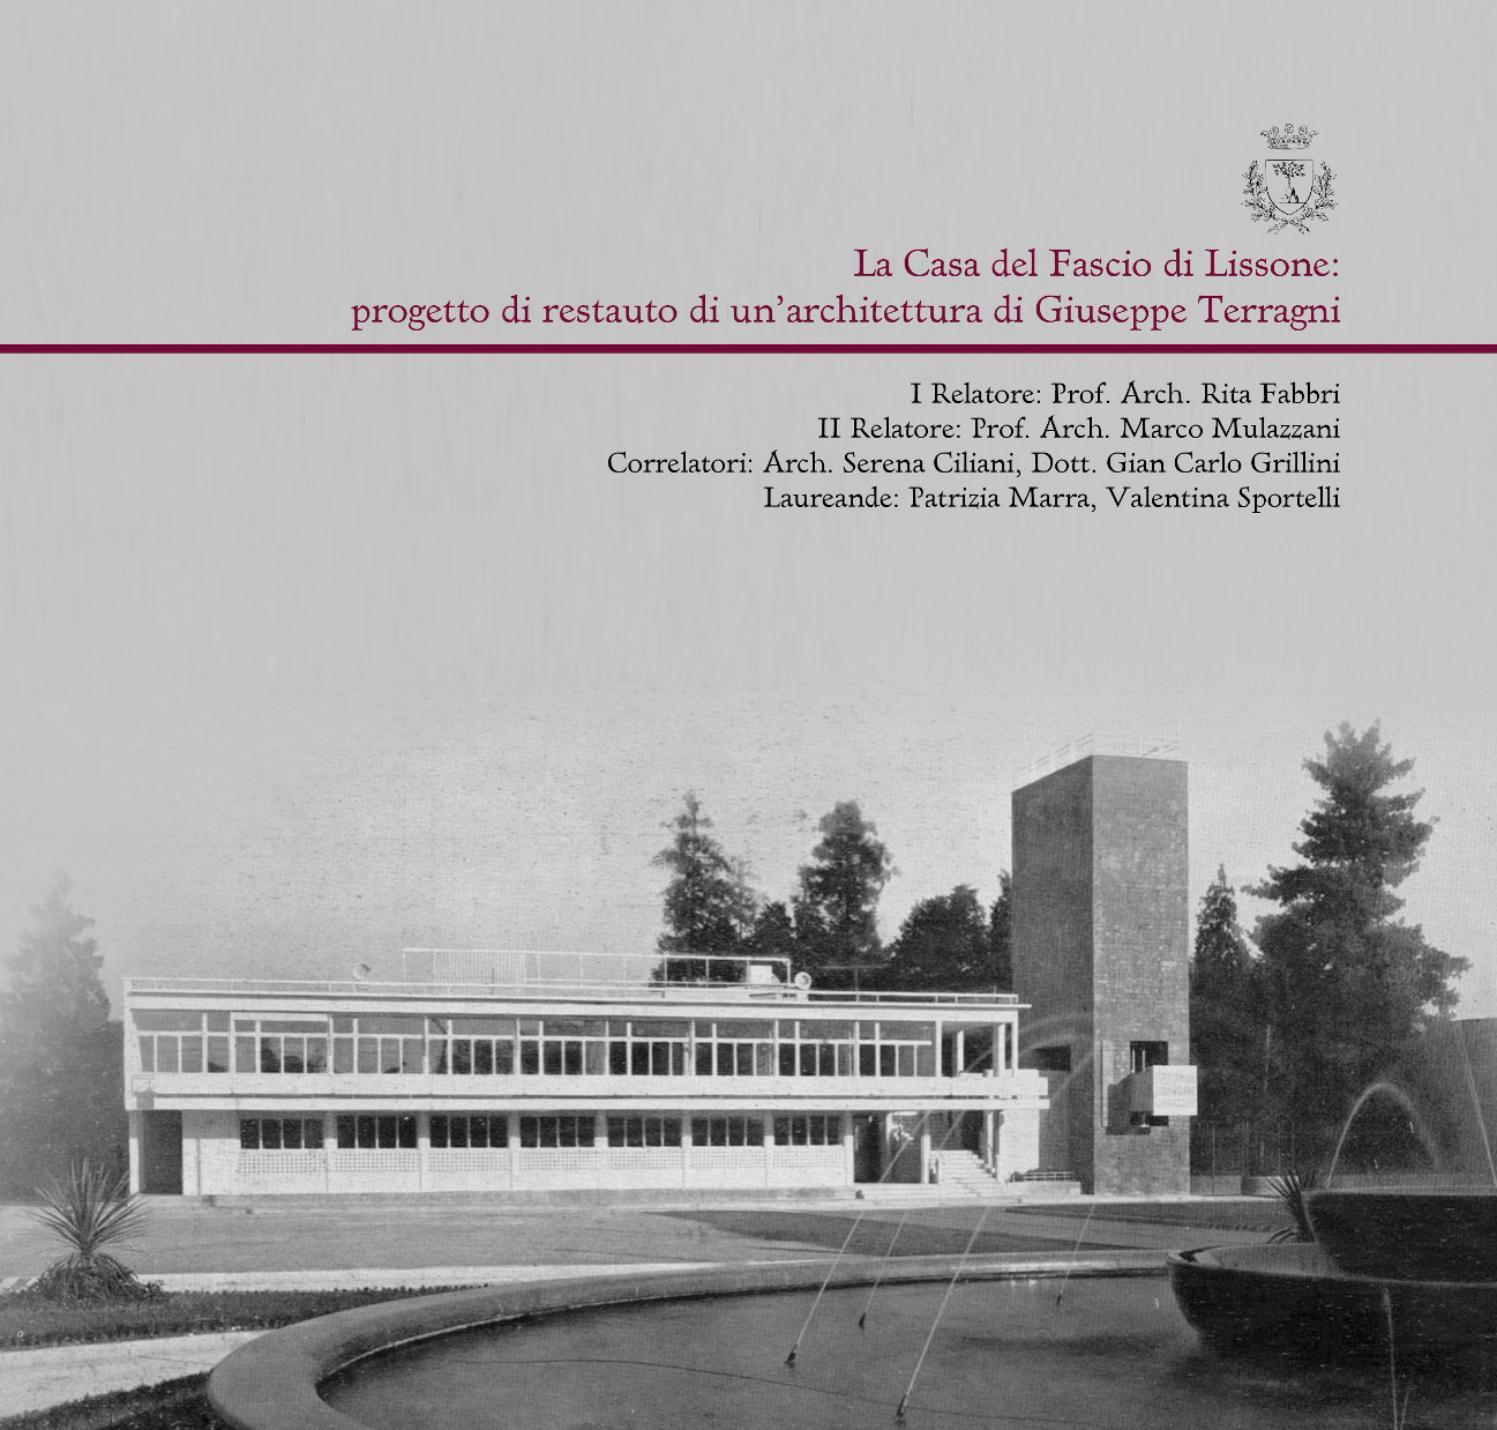 La casa del fascio di lissone progetto di restauro di un architettura di giuseppe terragni by - La casa della cameretta lissone ...